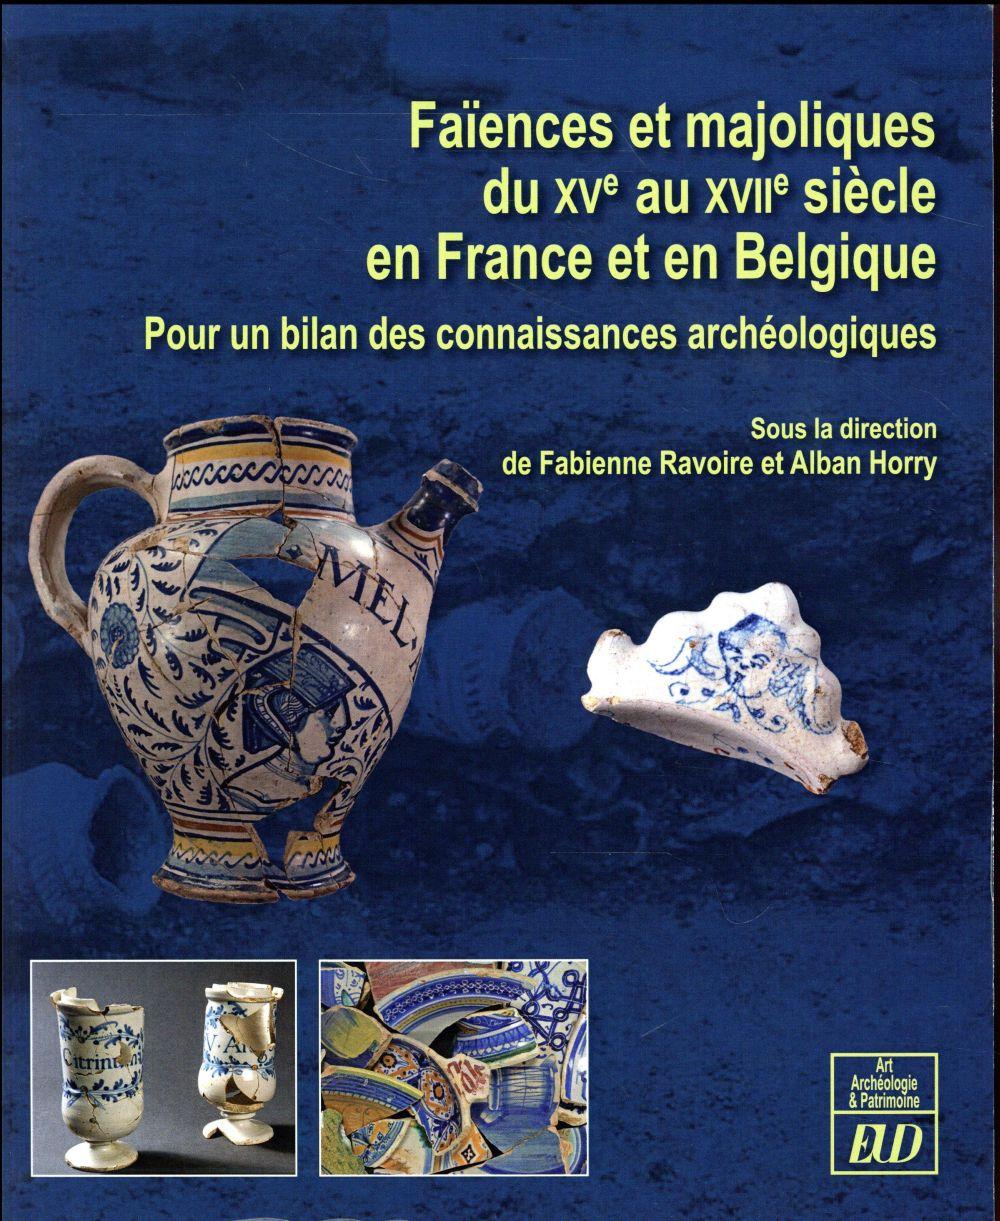 FAIENCES ET MAJOLIQUES DU XVE AU XVIIE SIECLE EN FRANCE ET EN BELGIQUE - POUR UN BILAN DES CONNAISSA